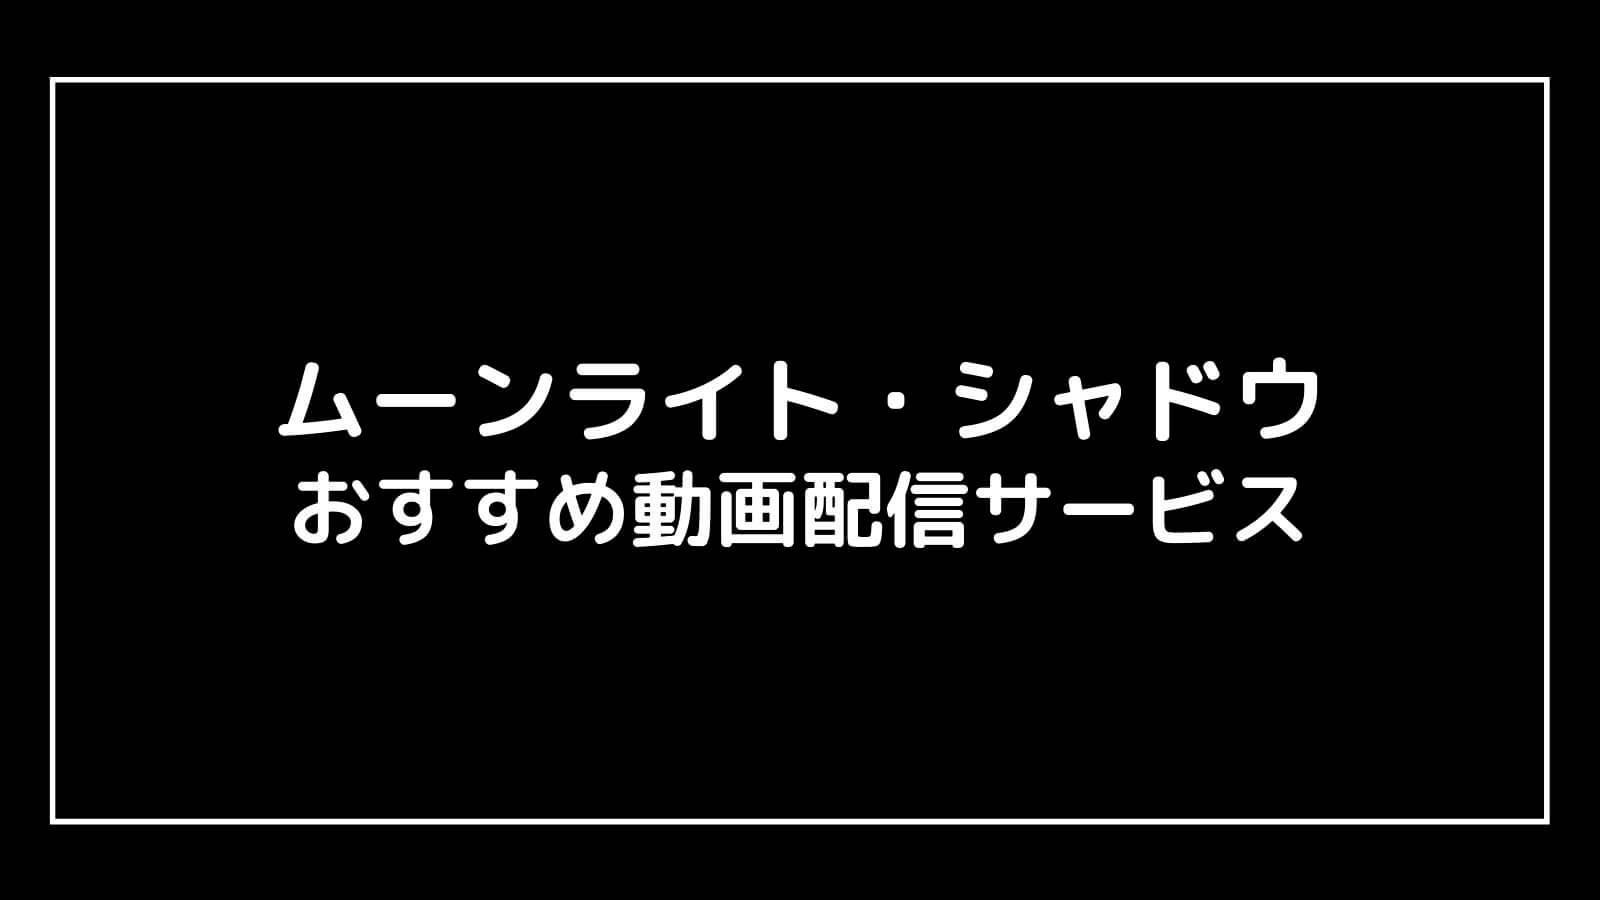 映画『ムーンライト・シャドウ』を無料視聴できるおすすめ動画配信サービス